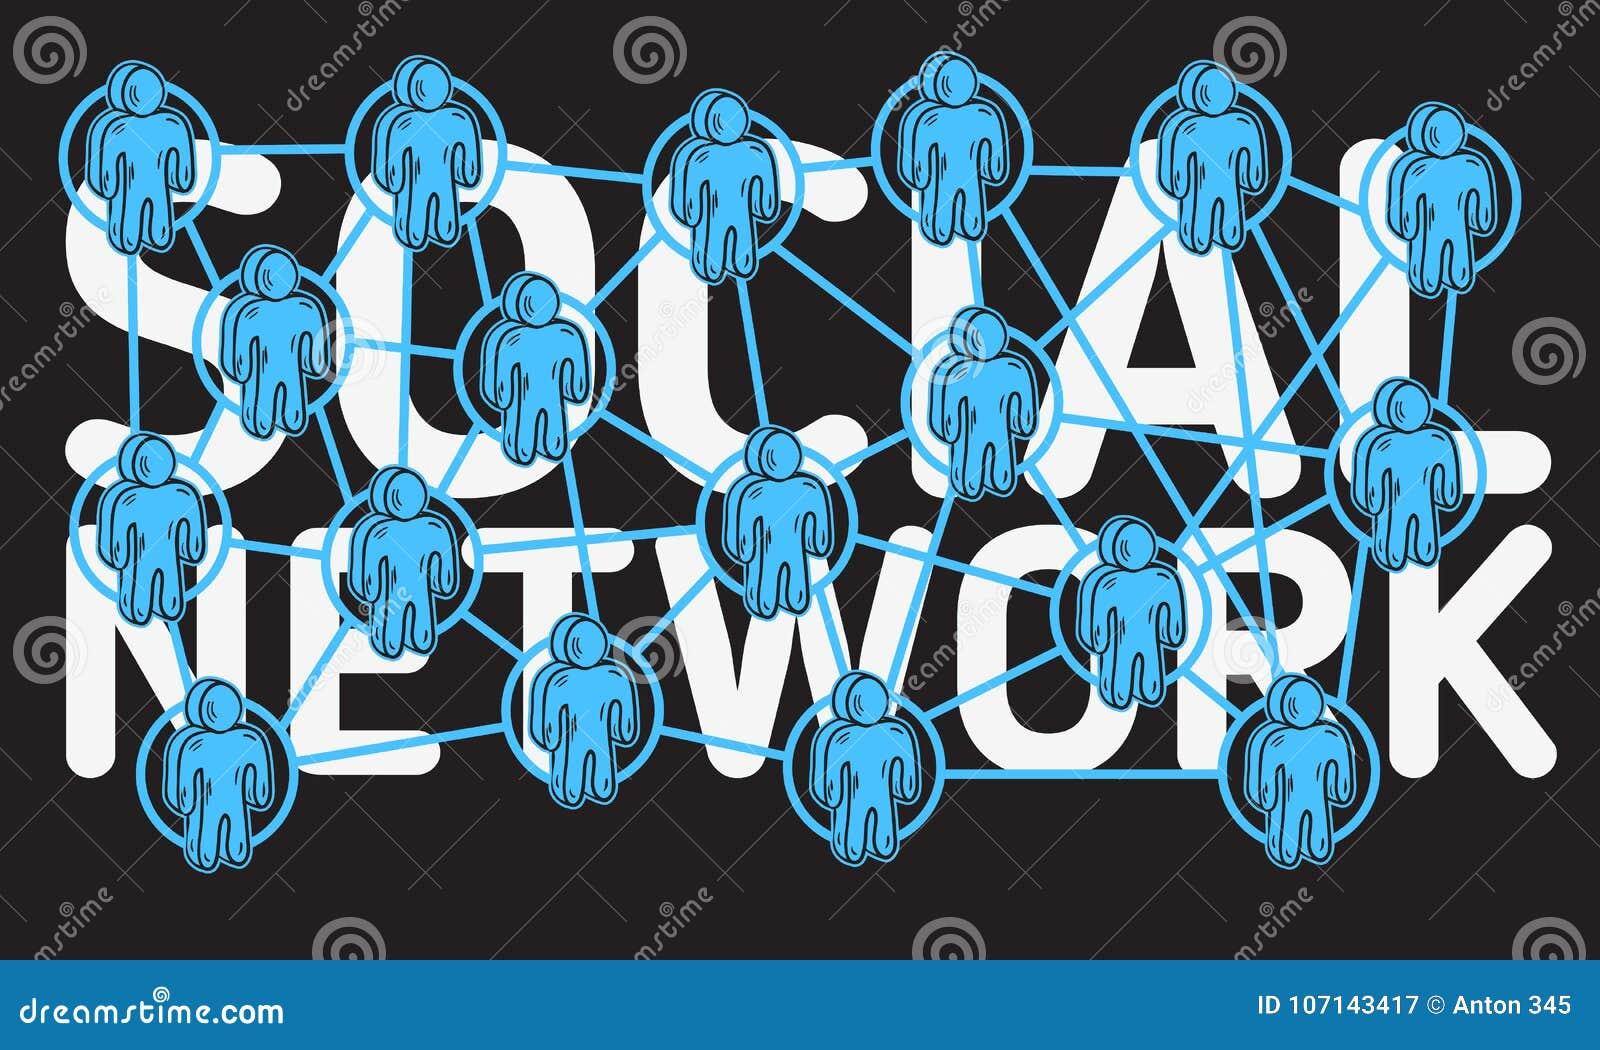 Diseño de red social con la conexión entre la figura humana caracteres de la historieta de los iconos